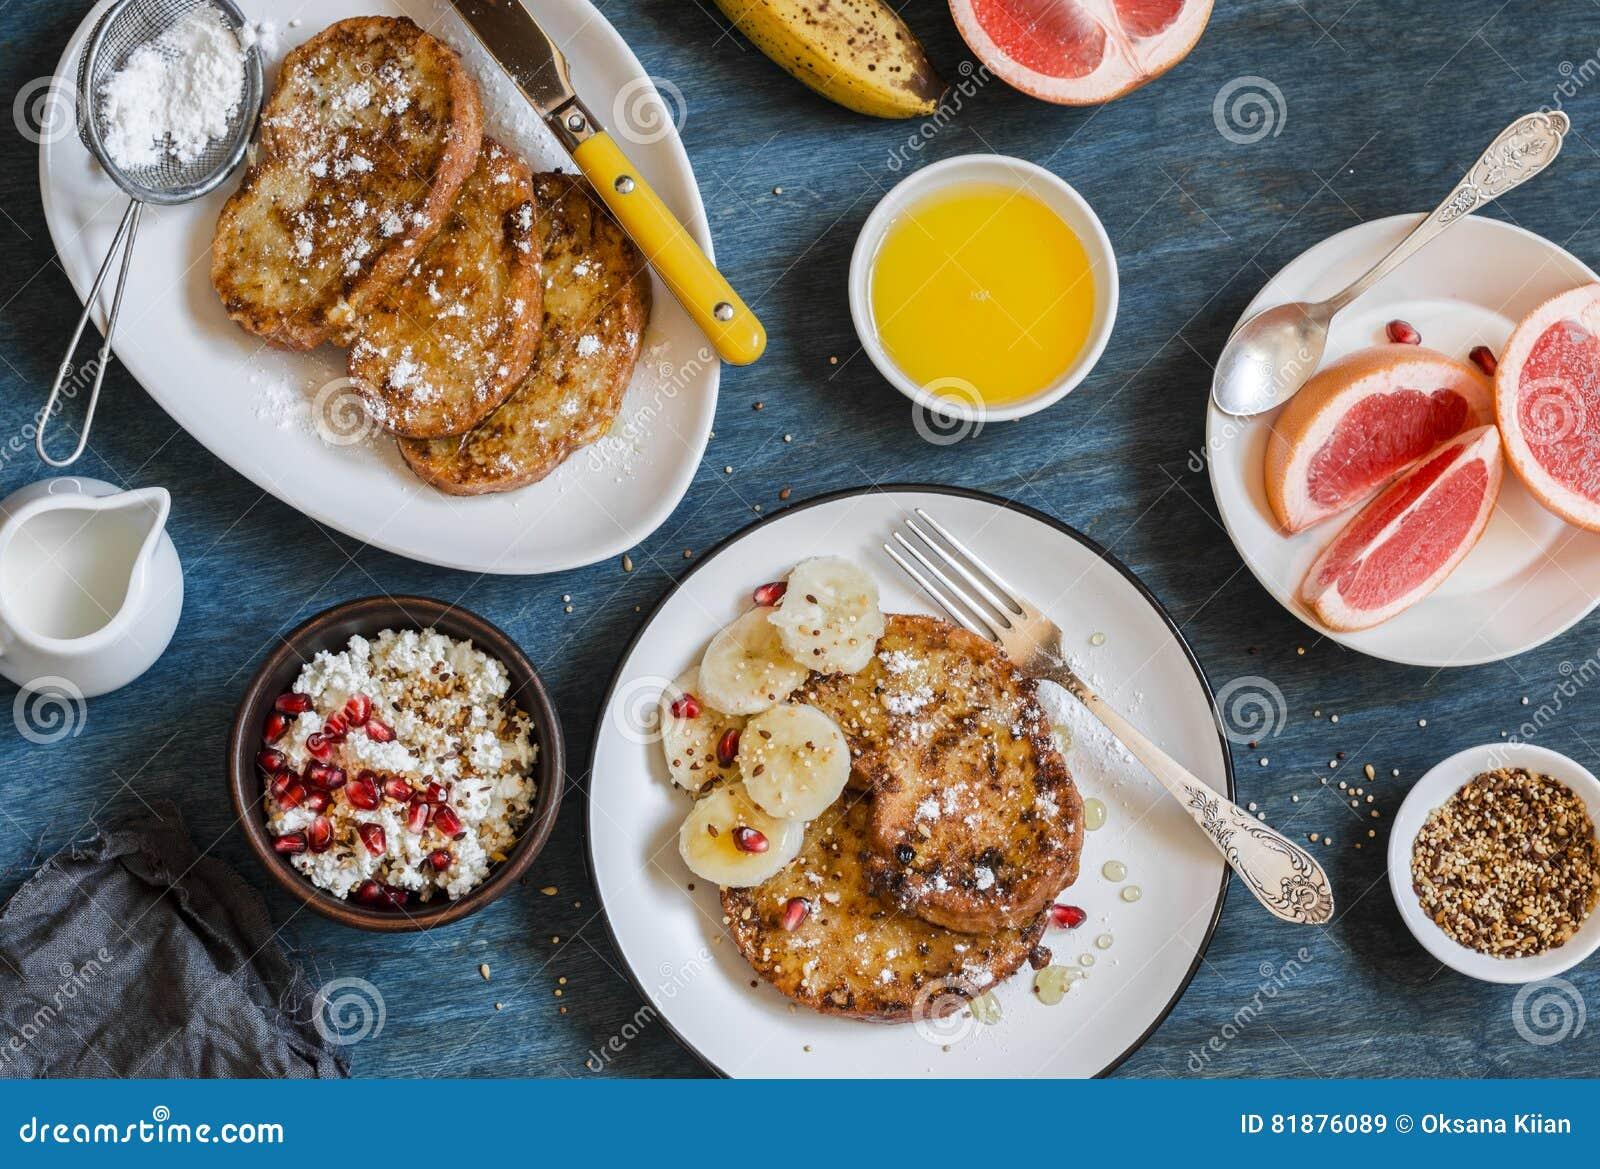 Πρόγευμα - γαλλική φρυγανιά καραμέλας με την μπανάνα, τυρί εξοχικών σπιτιών με το granola και ρόδι, φρέσκο γκρέιπφρουτ σε ένα μπλ